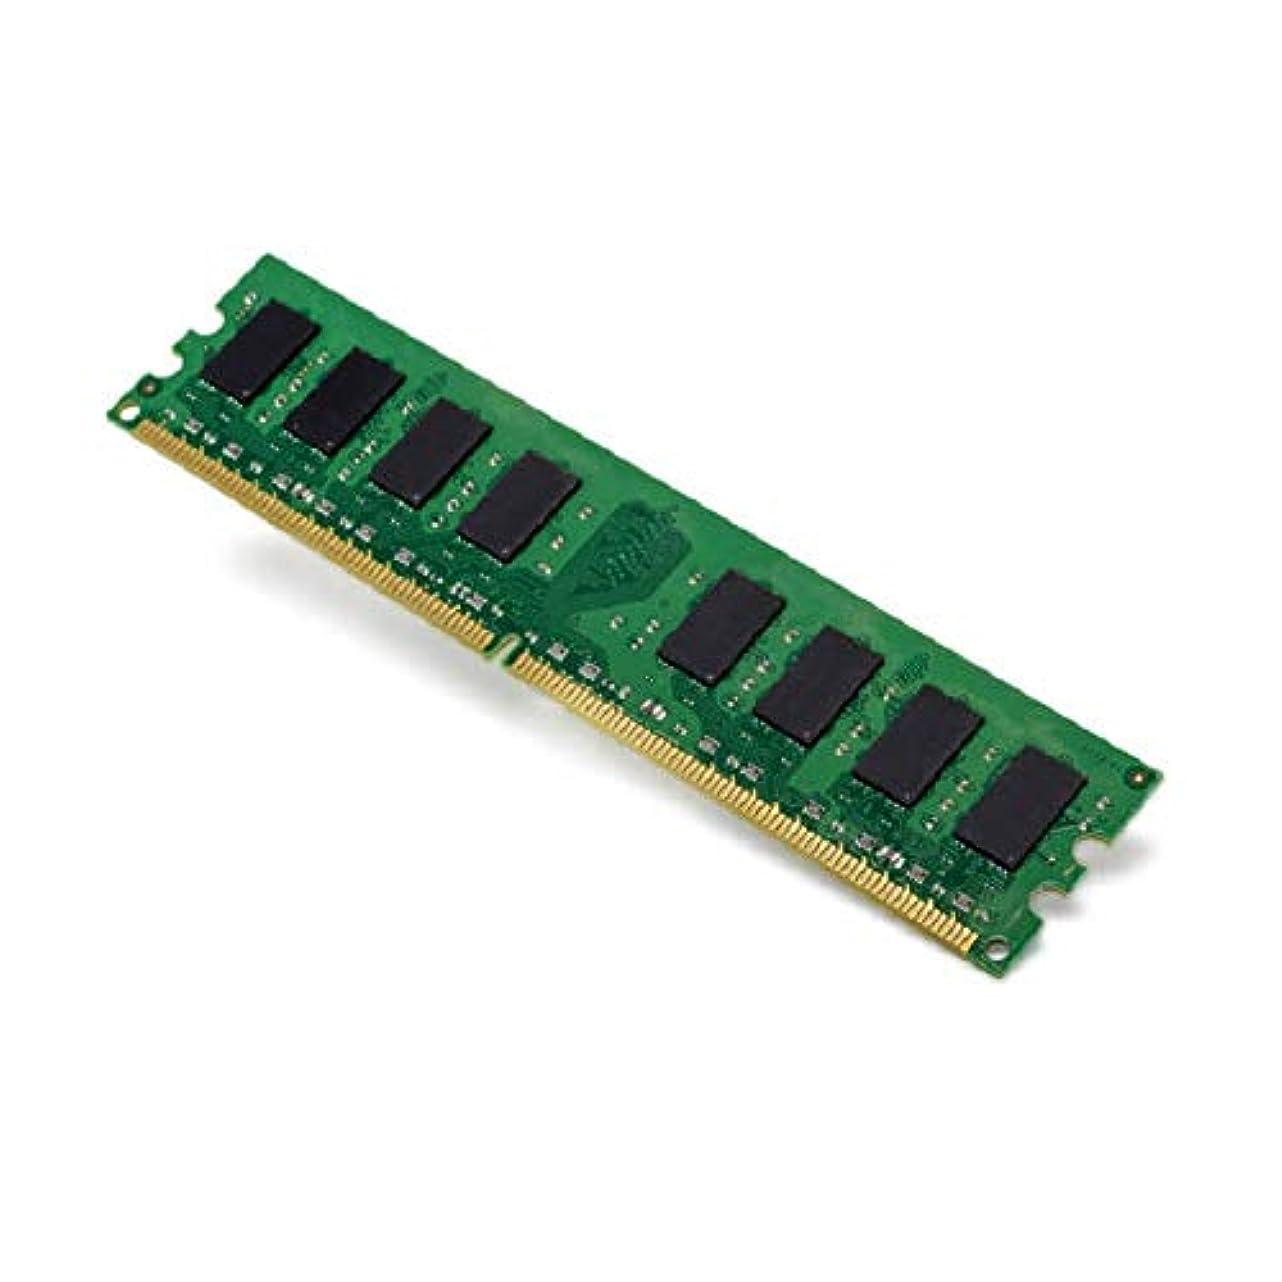 拮抗考古学者回復する16GB (4GB x 4GB)PC3-12800E 1600Mhz ECC アンバッファードメモリーキット Dell Precision T1650 T1700用 (認定整備済み)